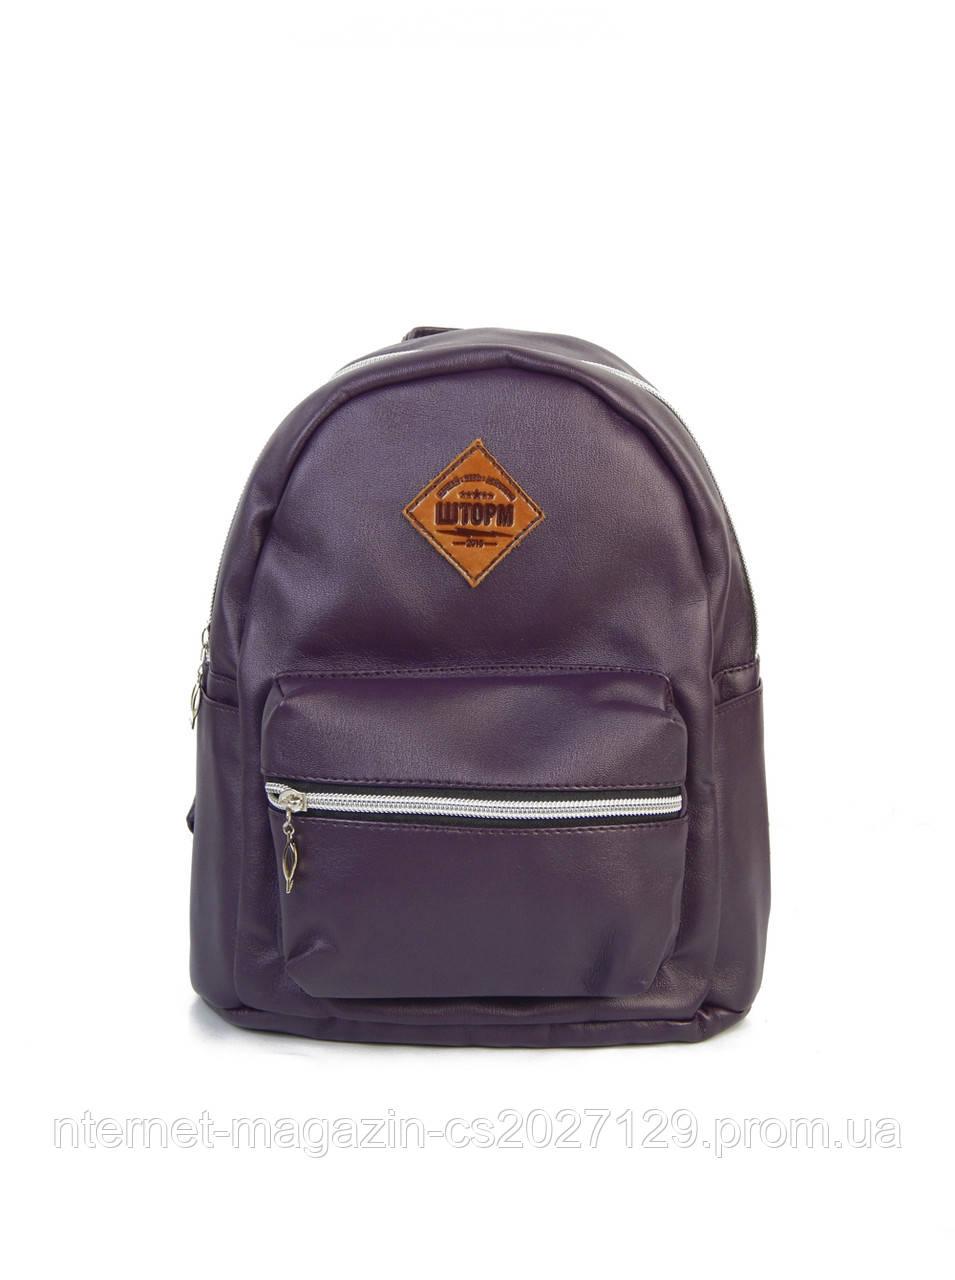 Женский летний рюкзак фиолетового цвета Шторм Summerbag